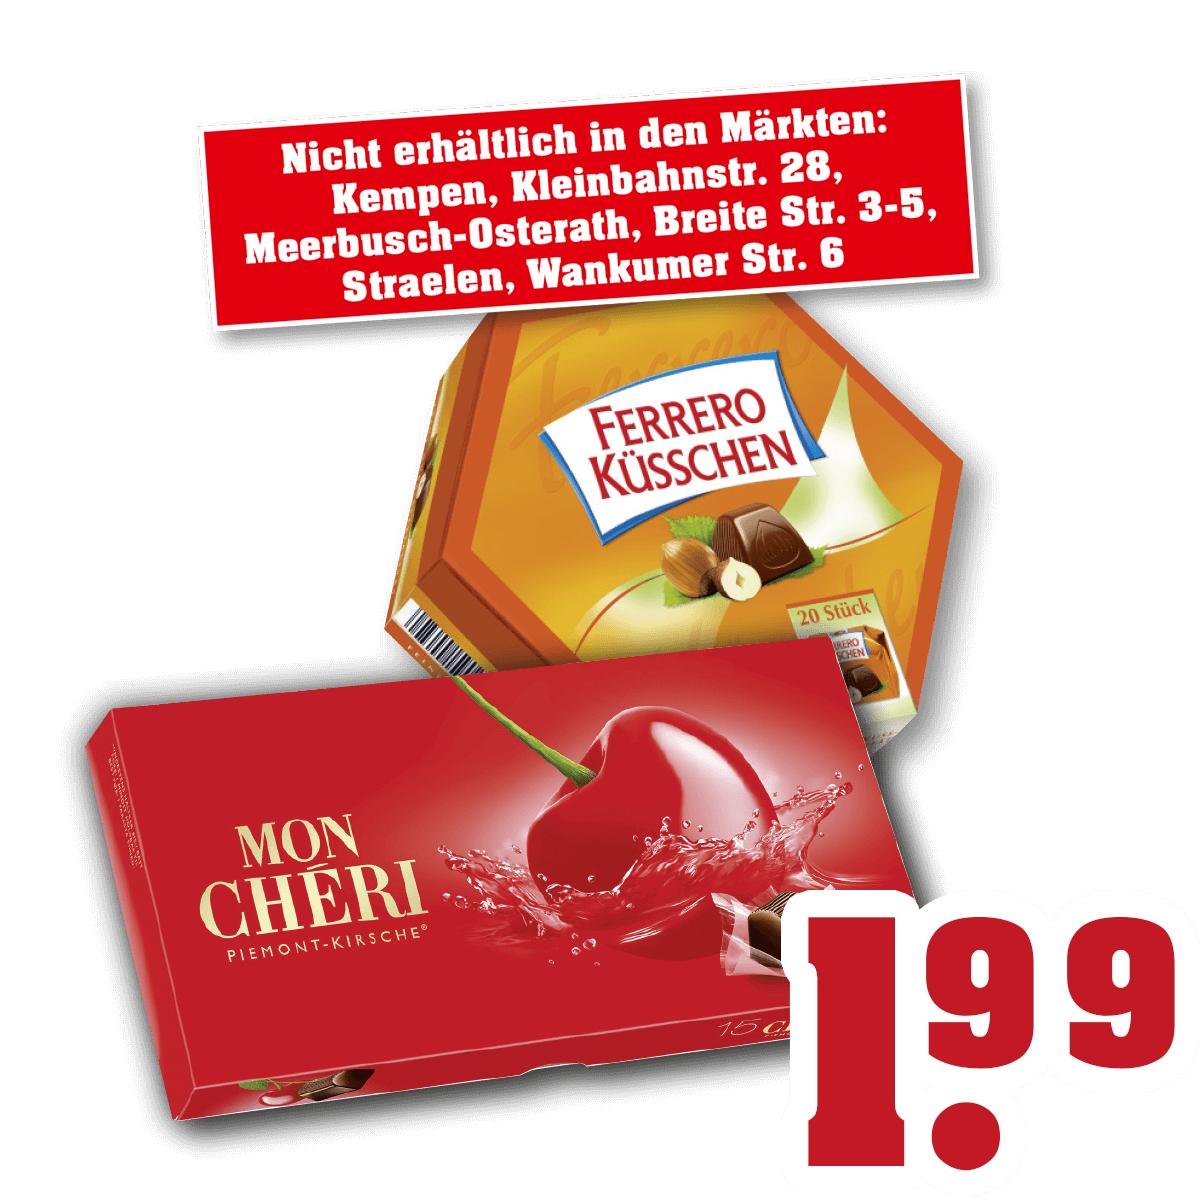 Mon Cheri / Ferrero Küsschen für je 1,99€